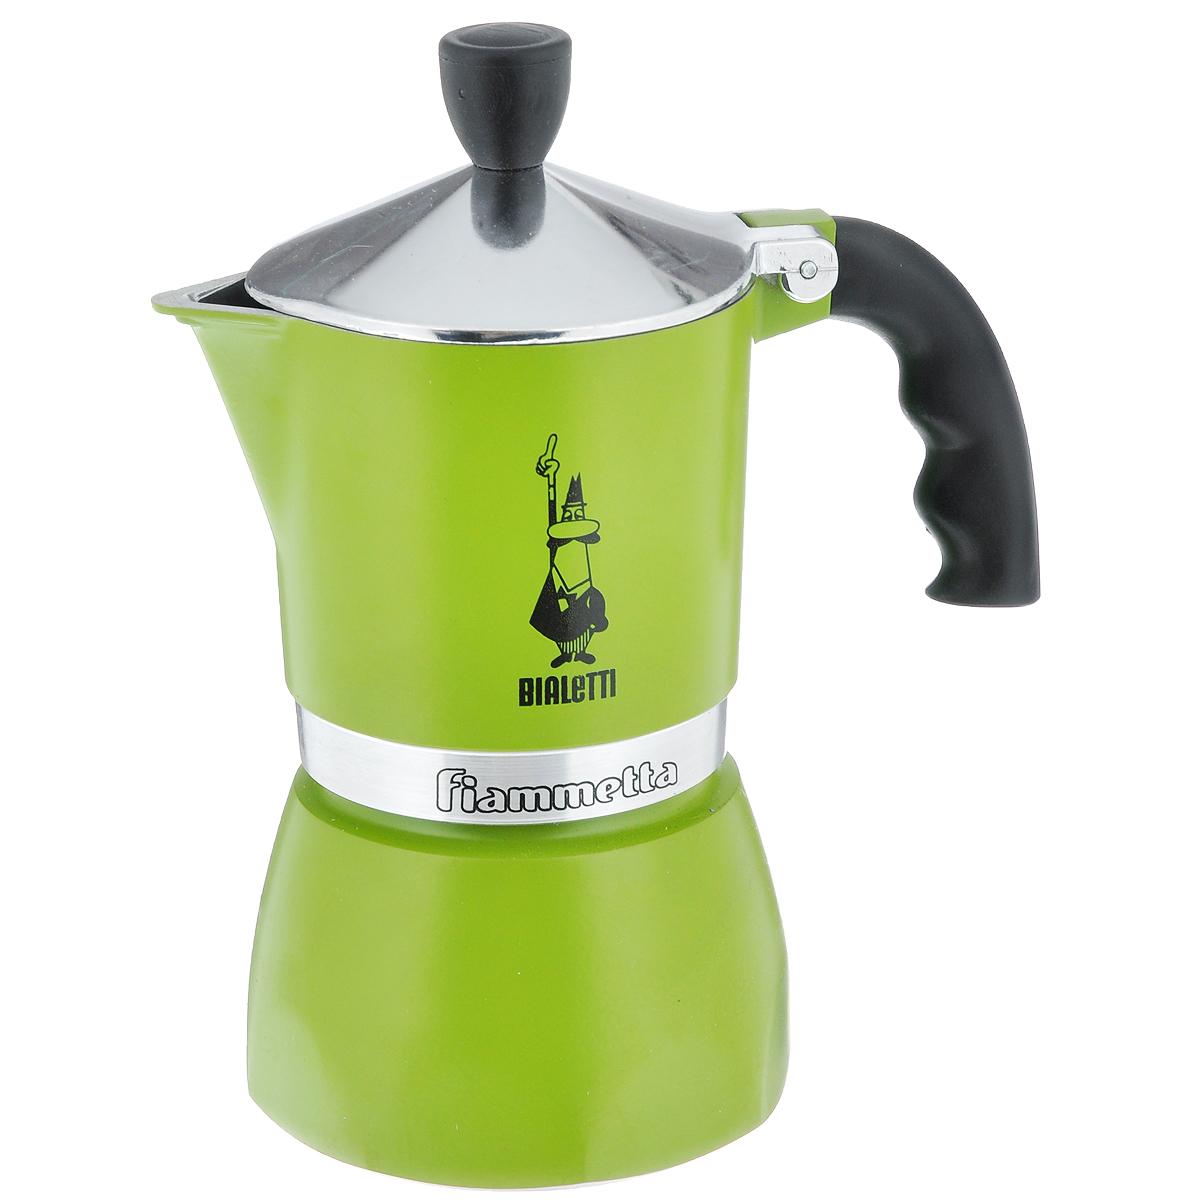 Кофеварка гейзерная Bialetti Fiametta Colors, на 3 чашки, цвет: зеленый115510Компактная гейзерная кофеварка Bialetti Fiametta Colors изготовлена из высококачественного алюминия. Объема кофе хватает на 3 чашки. Изделие оснащено удобной ручкой из бакелита.Принцип работы такой гейзерной кофеварки - кофе заваривается путем многократного прохождения горячей воды или пара через слой молотого кофе. Удобство кофеварки в том, что вся кофейная гуща остается во внутренней емкости. Гейзерные кофеварки пользуются большой популярностью благодаря изысканному аромату. Кофе получается крепкий и насыщенный. Теперь и дома вы сможете насладиться великолепным эспрессо. Подходит для газовых, электрических и стеклокерамических плит. Нельзя мыть в посудомоечной машине. Высота (с учетом крышки): 18 см.